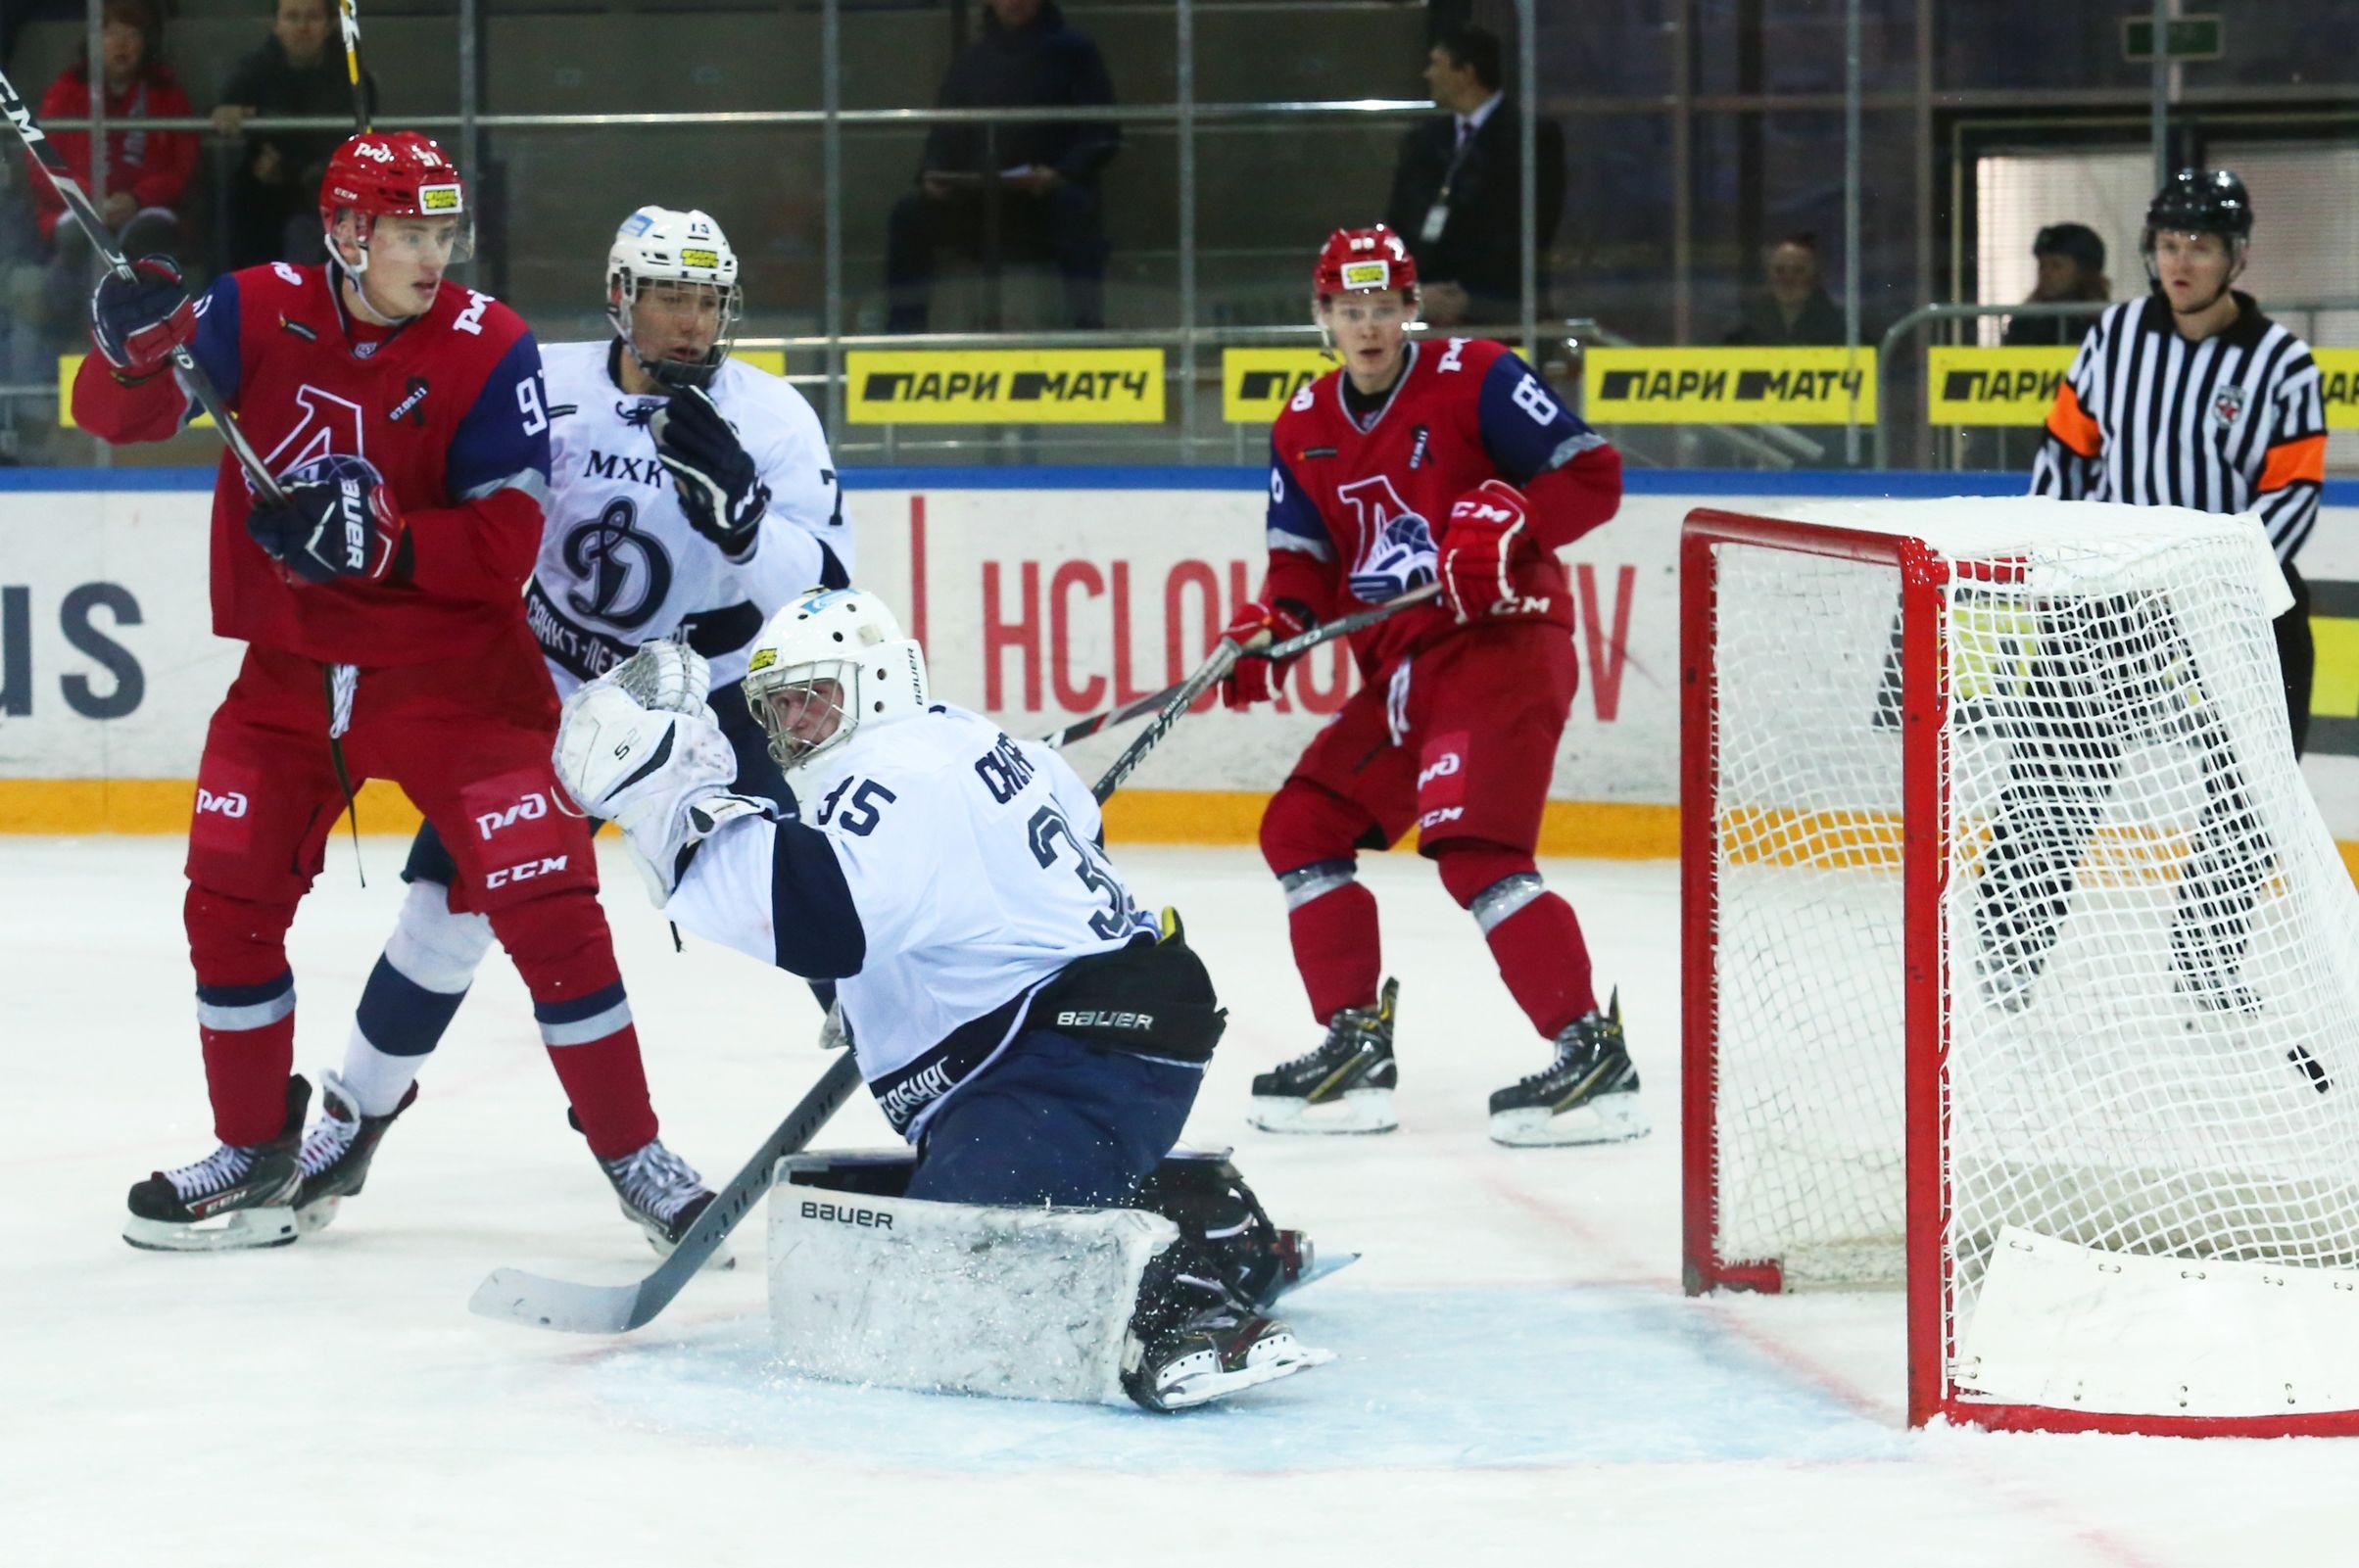 «Локо» забросил четыре шайбы в ворота «Динамо», но уступил